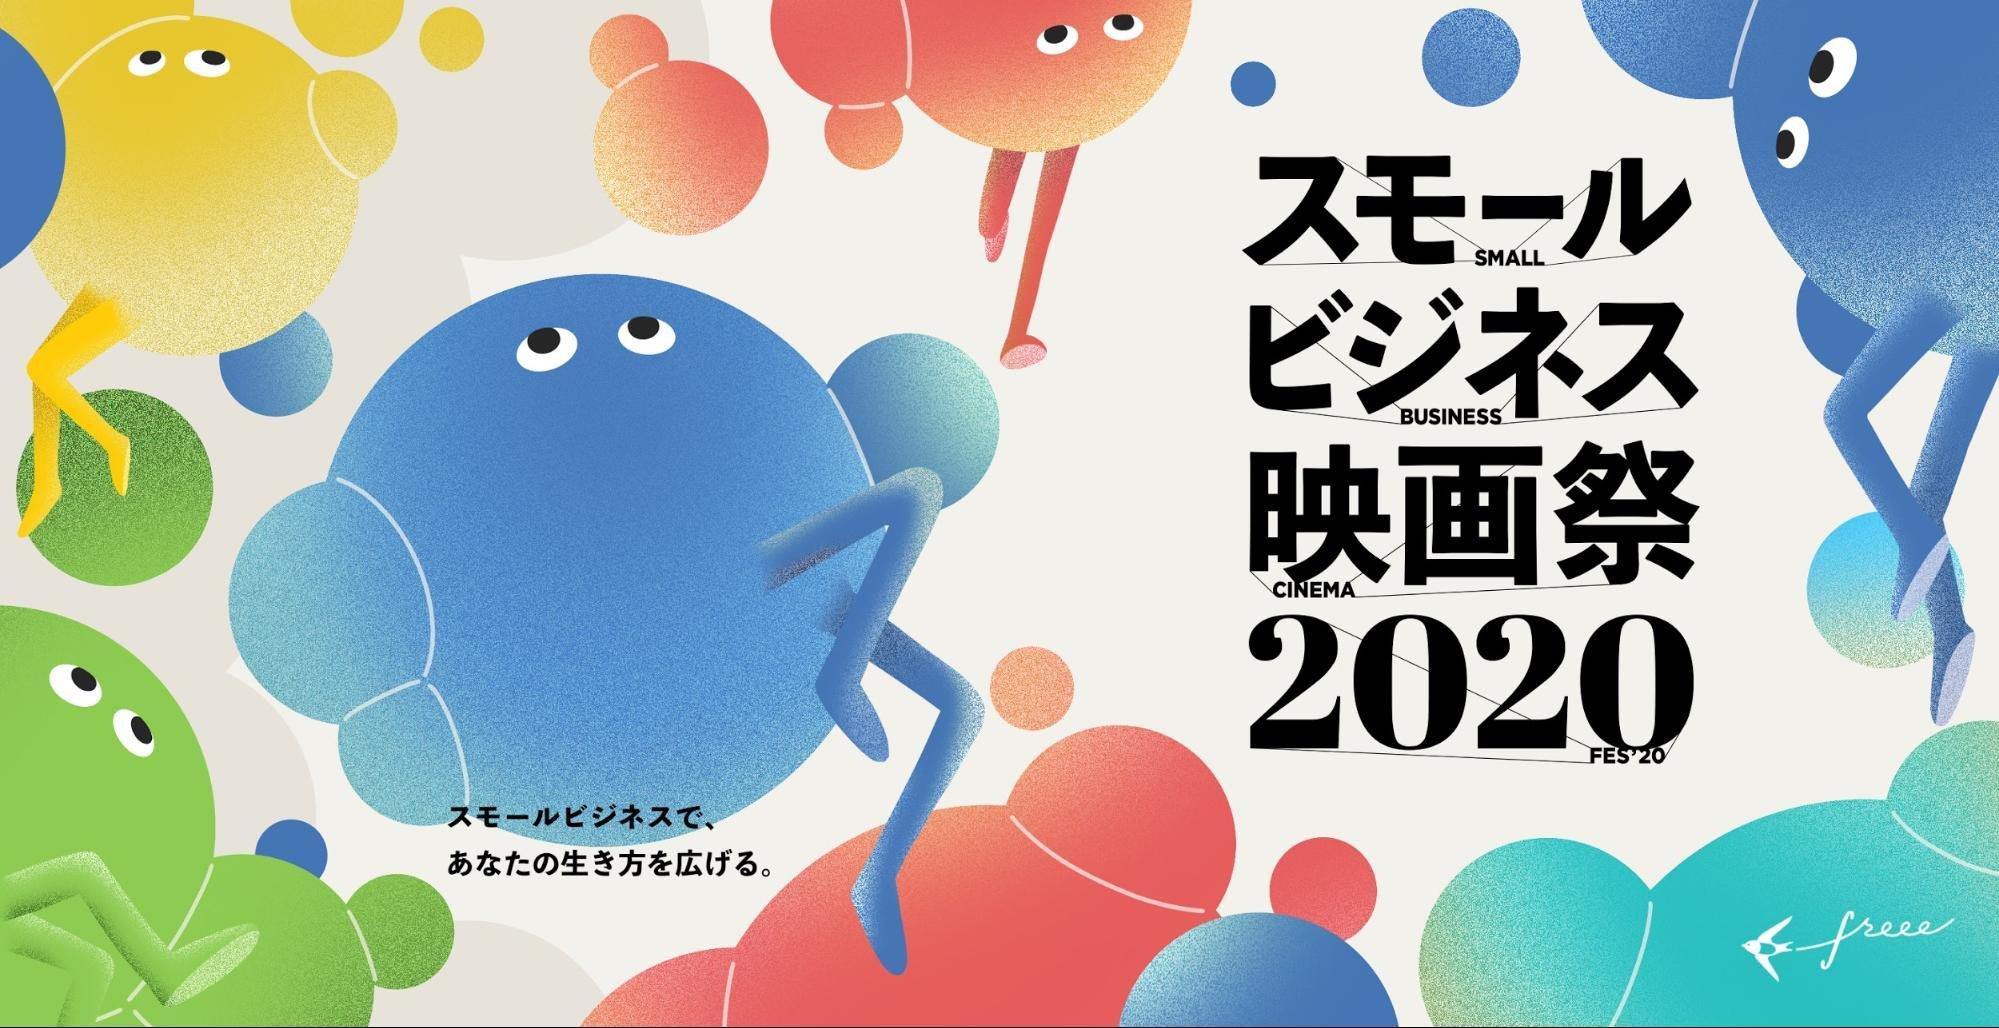 スモールビジネス映画祭 2020